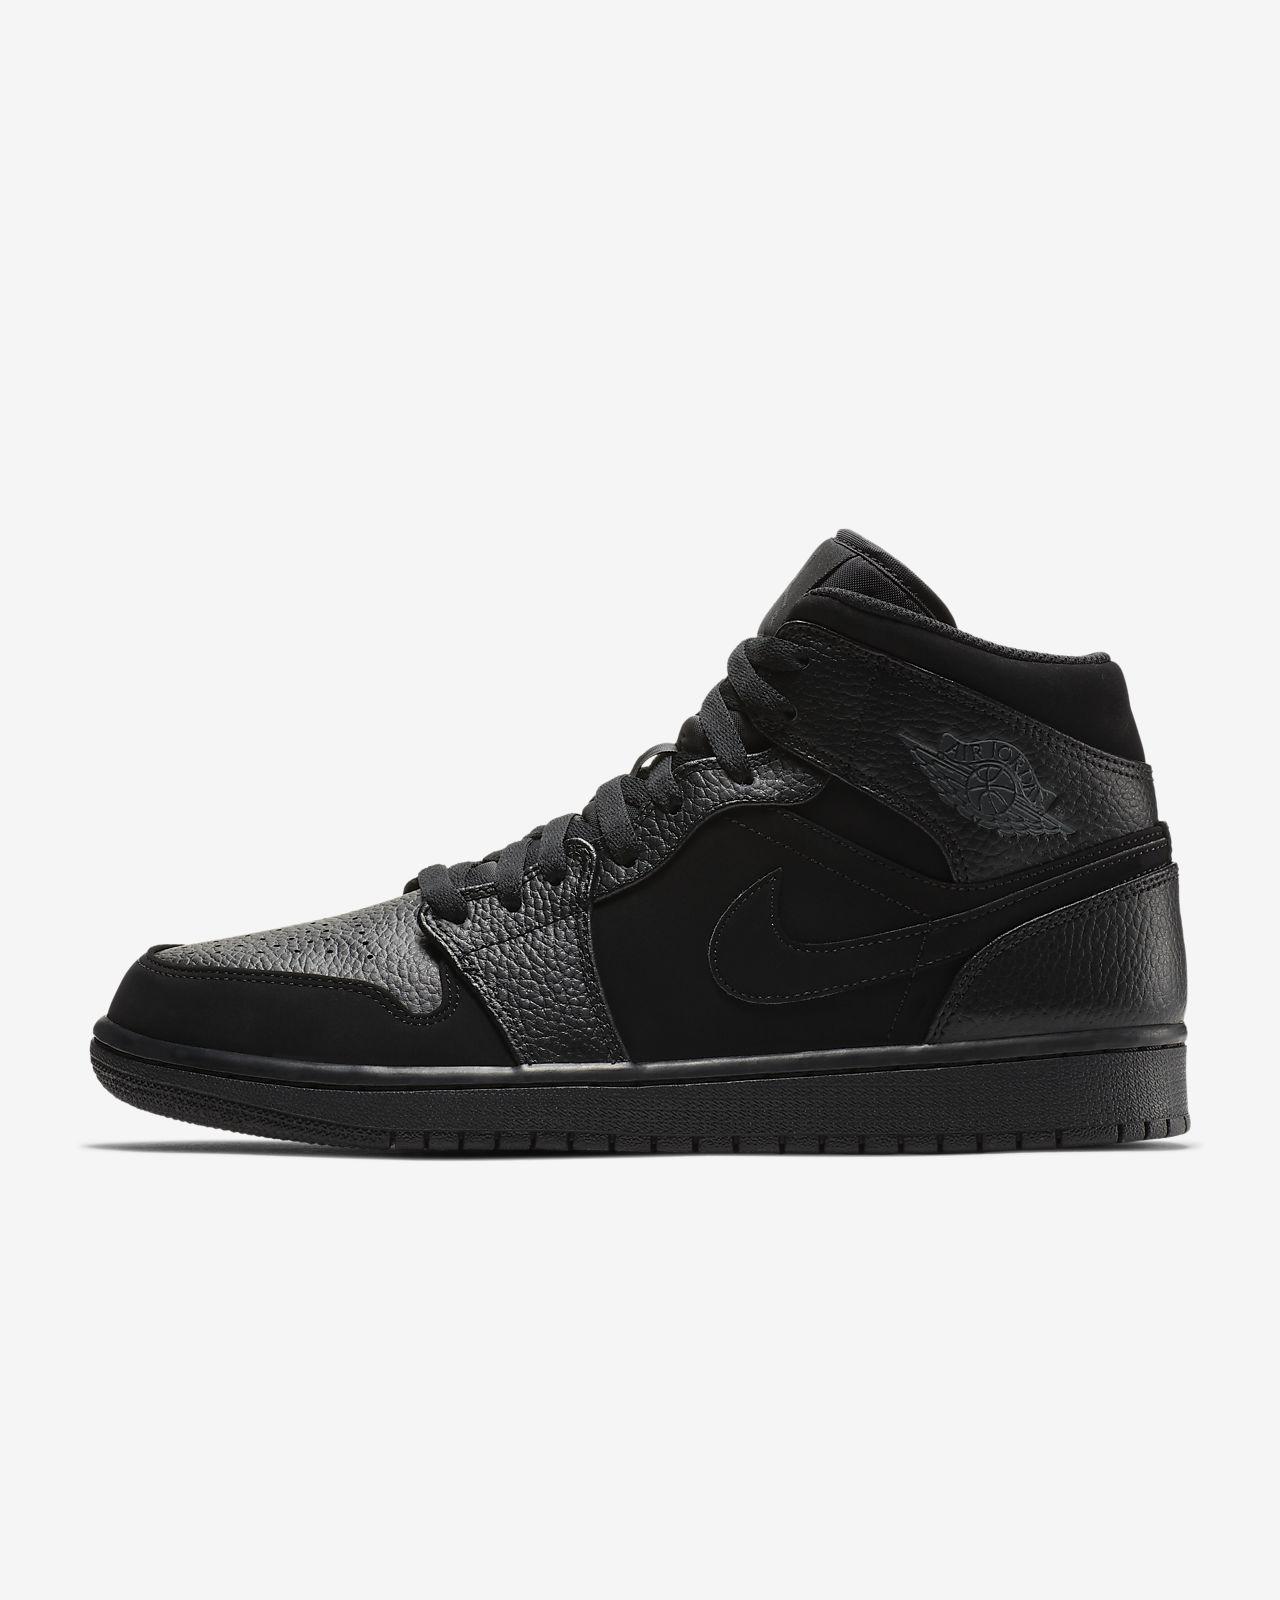 wholesale dealer 05358 5f134 ... Chaussure Air Jordan 1 Mid pour Homme